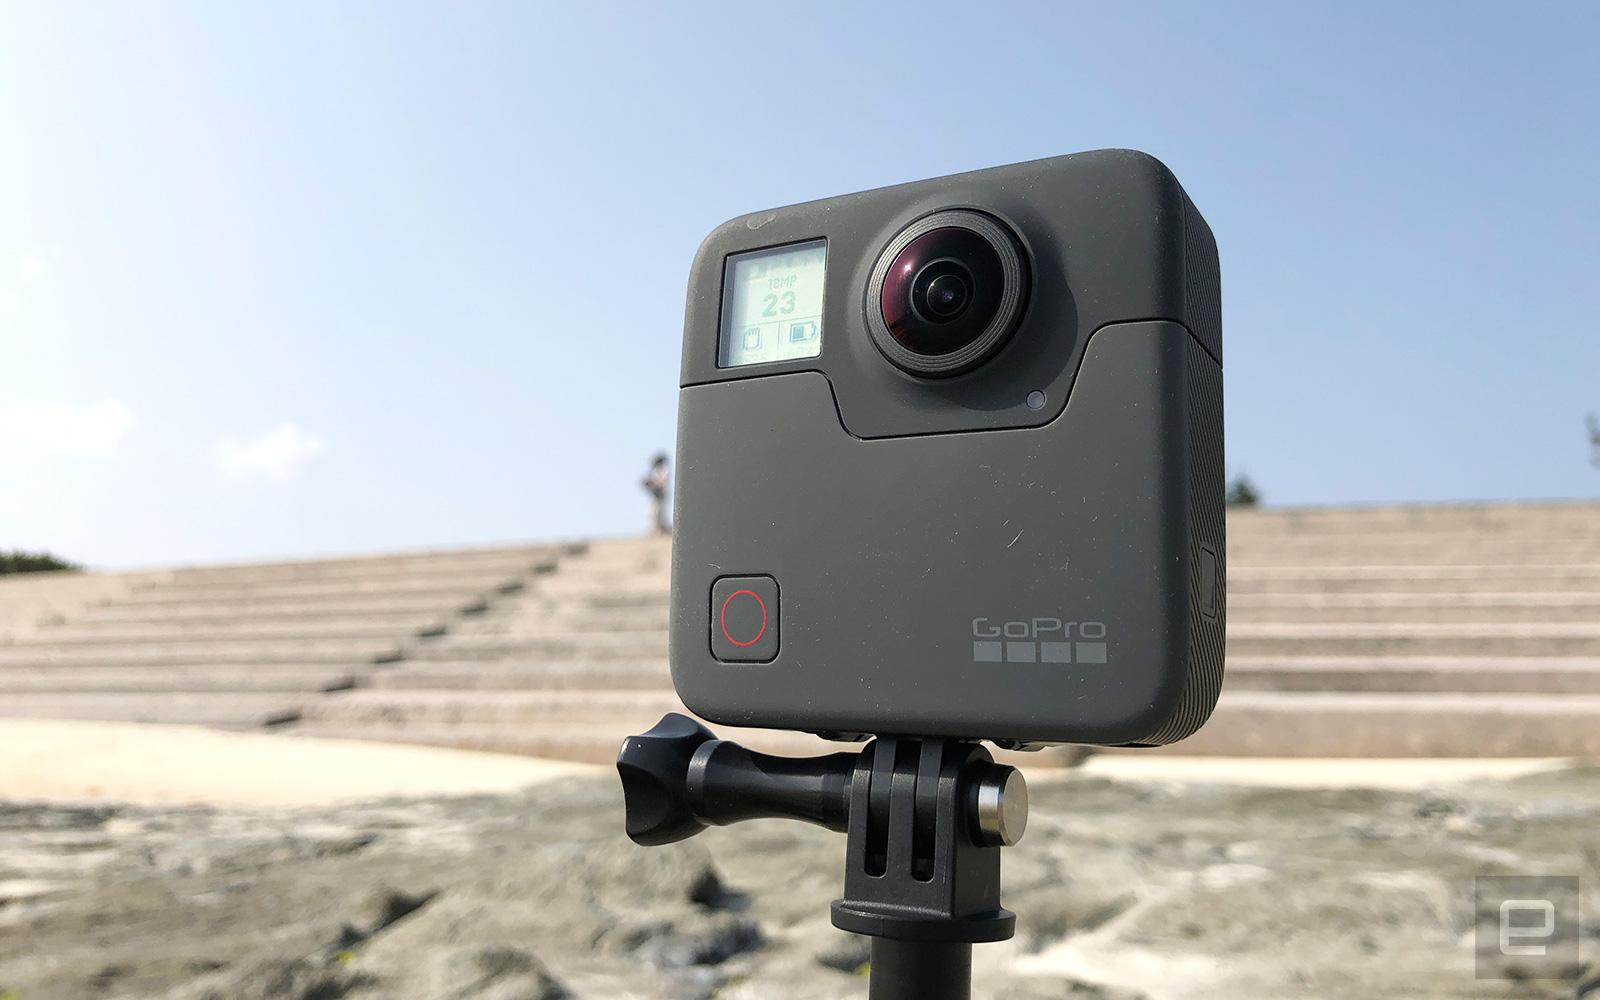 GoPro Fusion 評測:璞玉待琢